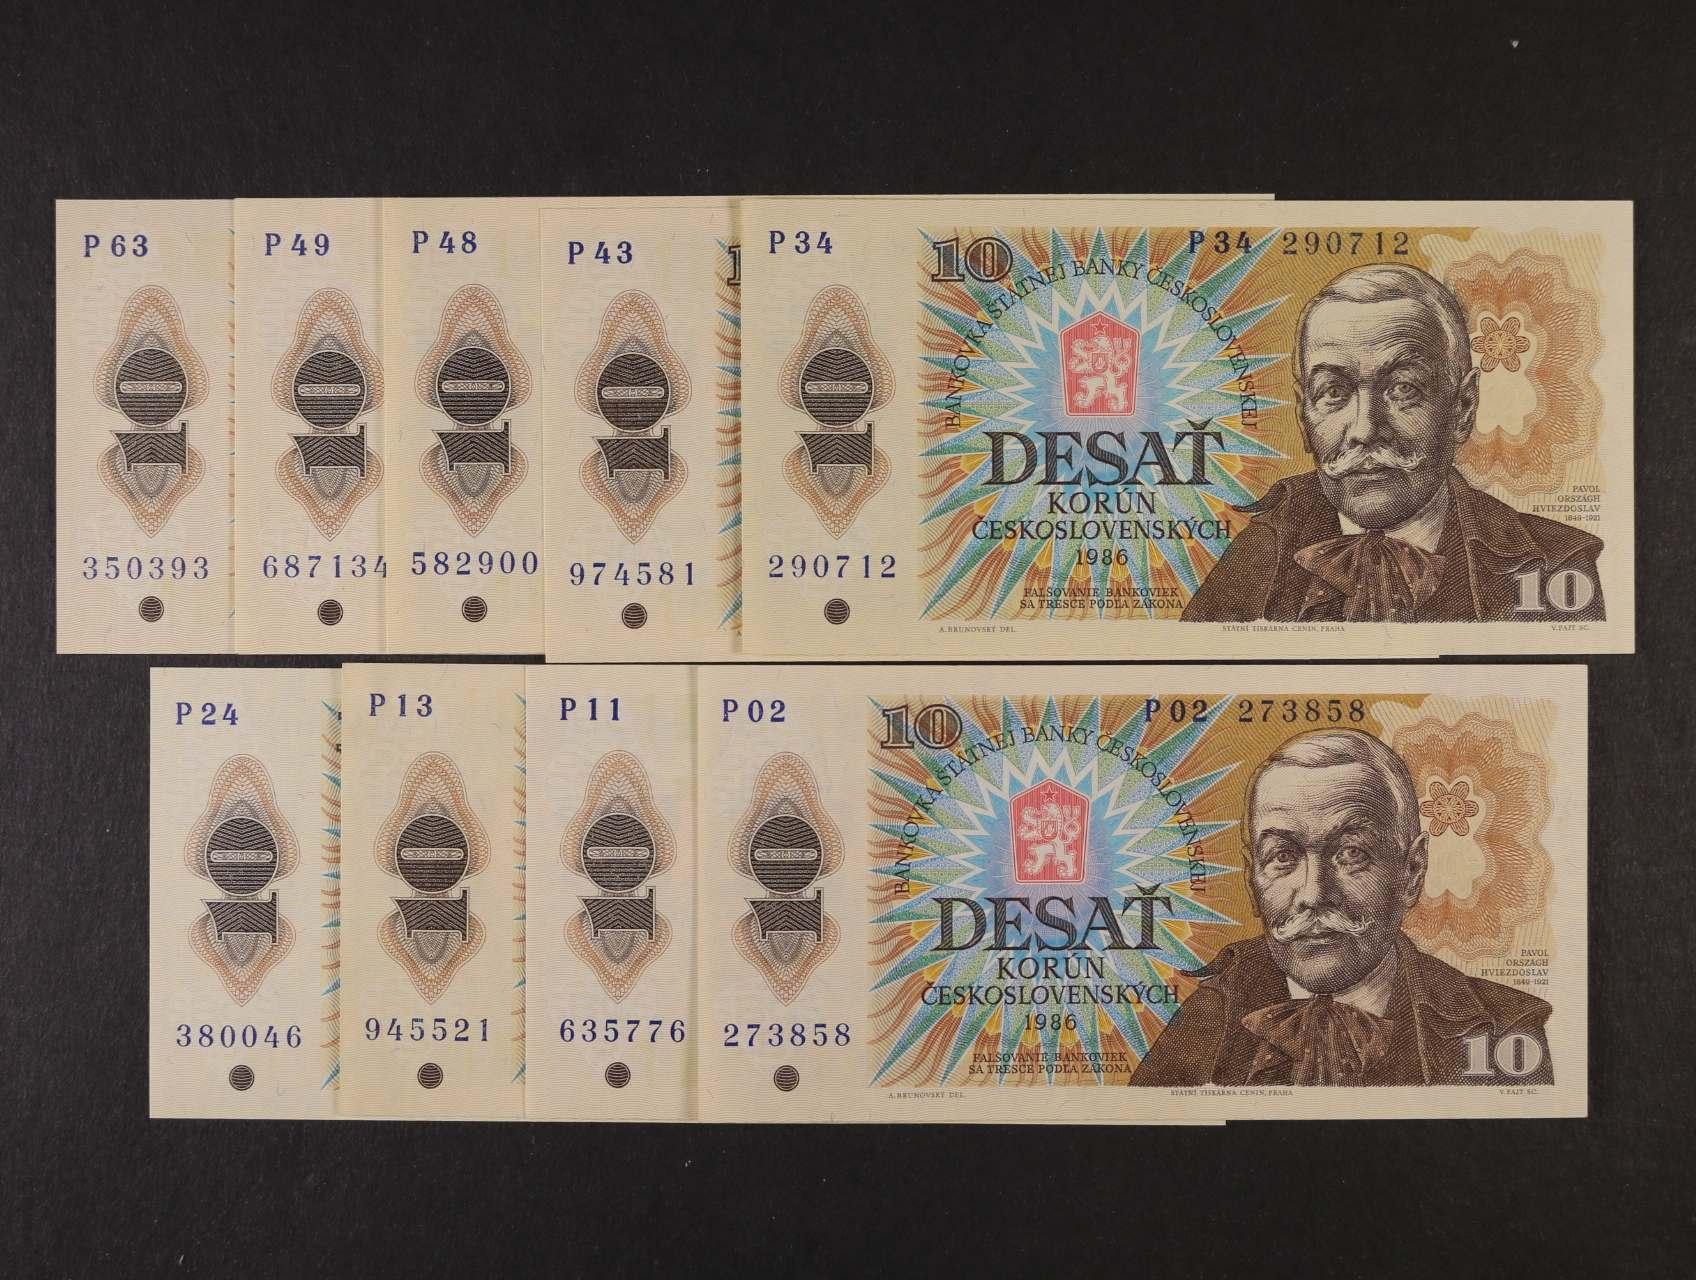 10 Kčs 1986 série P 02, 11, 13, 24, 34, 43, 48, 49, 63, Ba. 103, Pi. 94a, 9ks